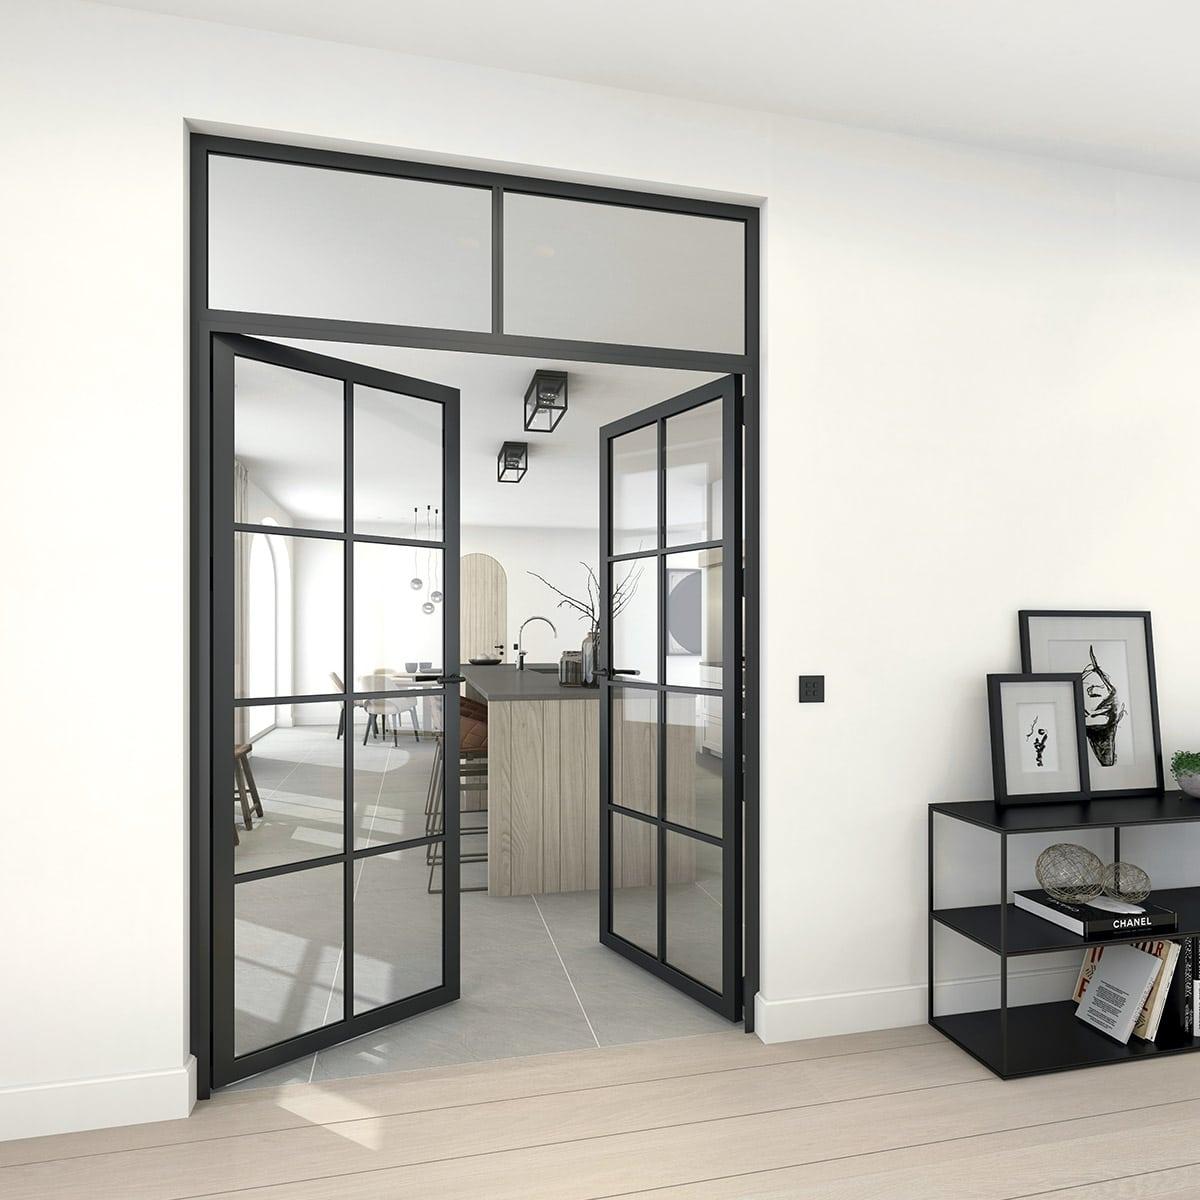 modular dteelit door with top window